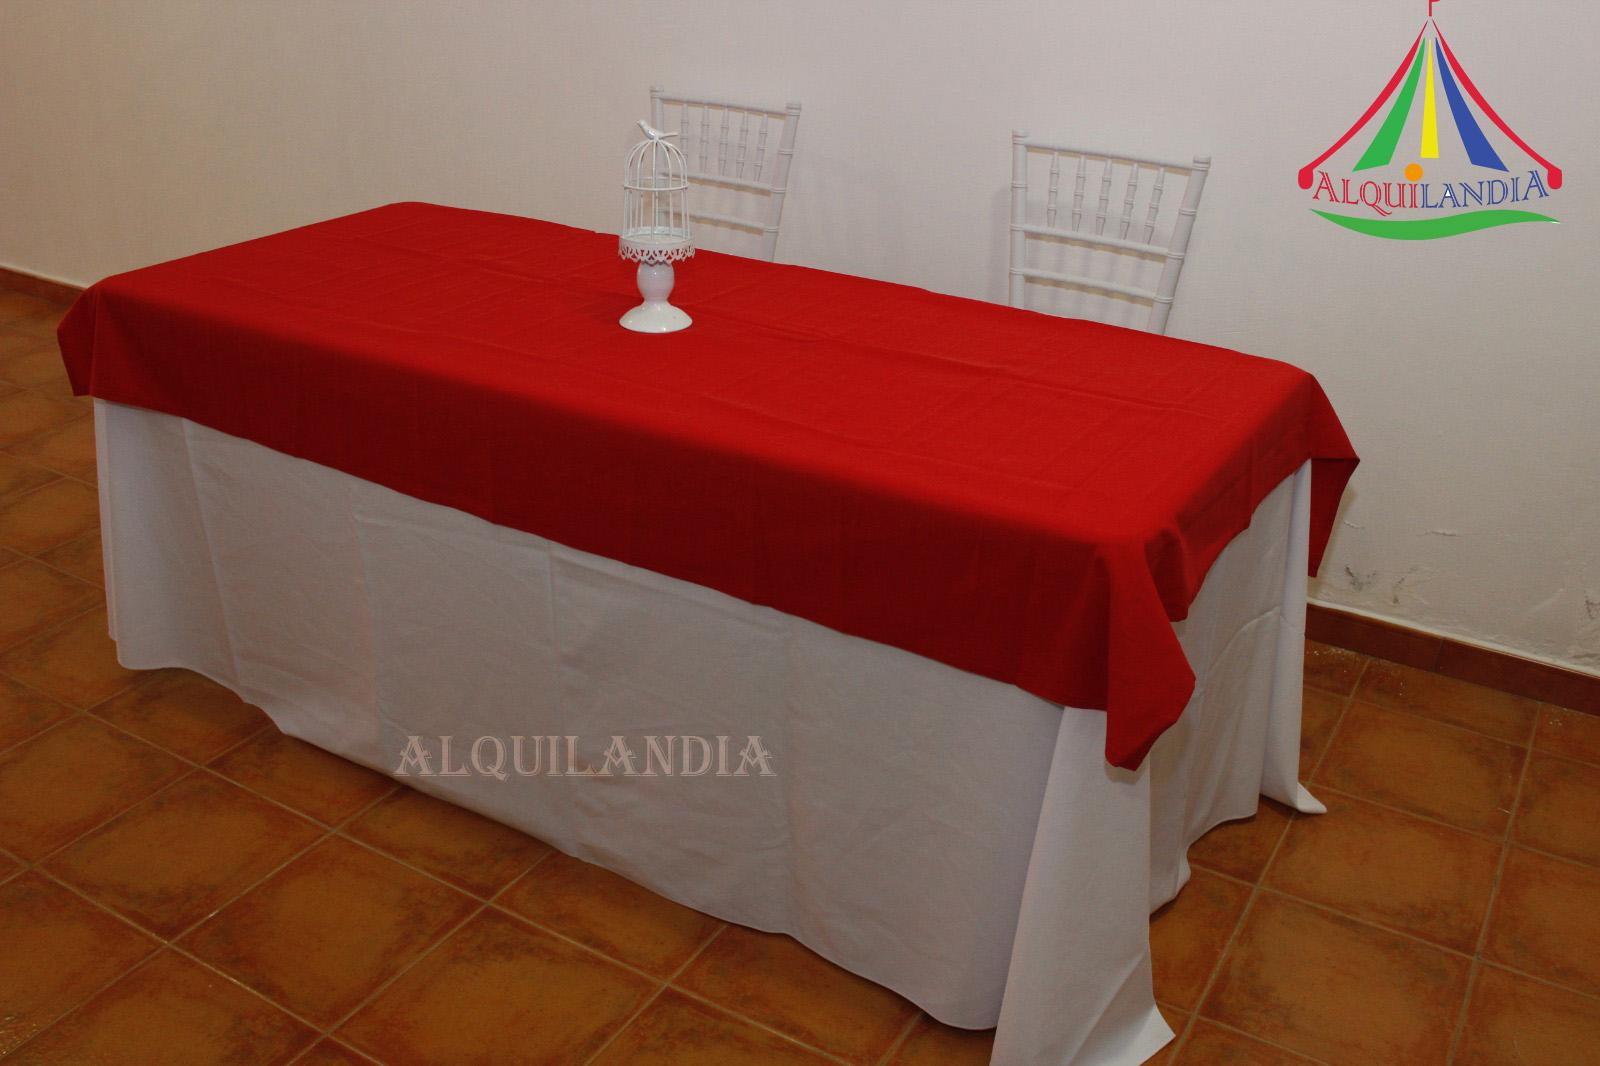 Mantel blanco y cubremantel rojo